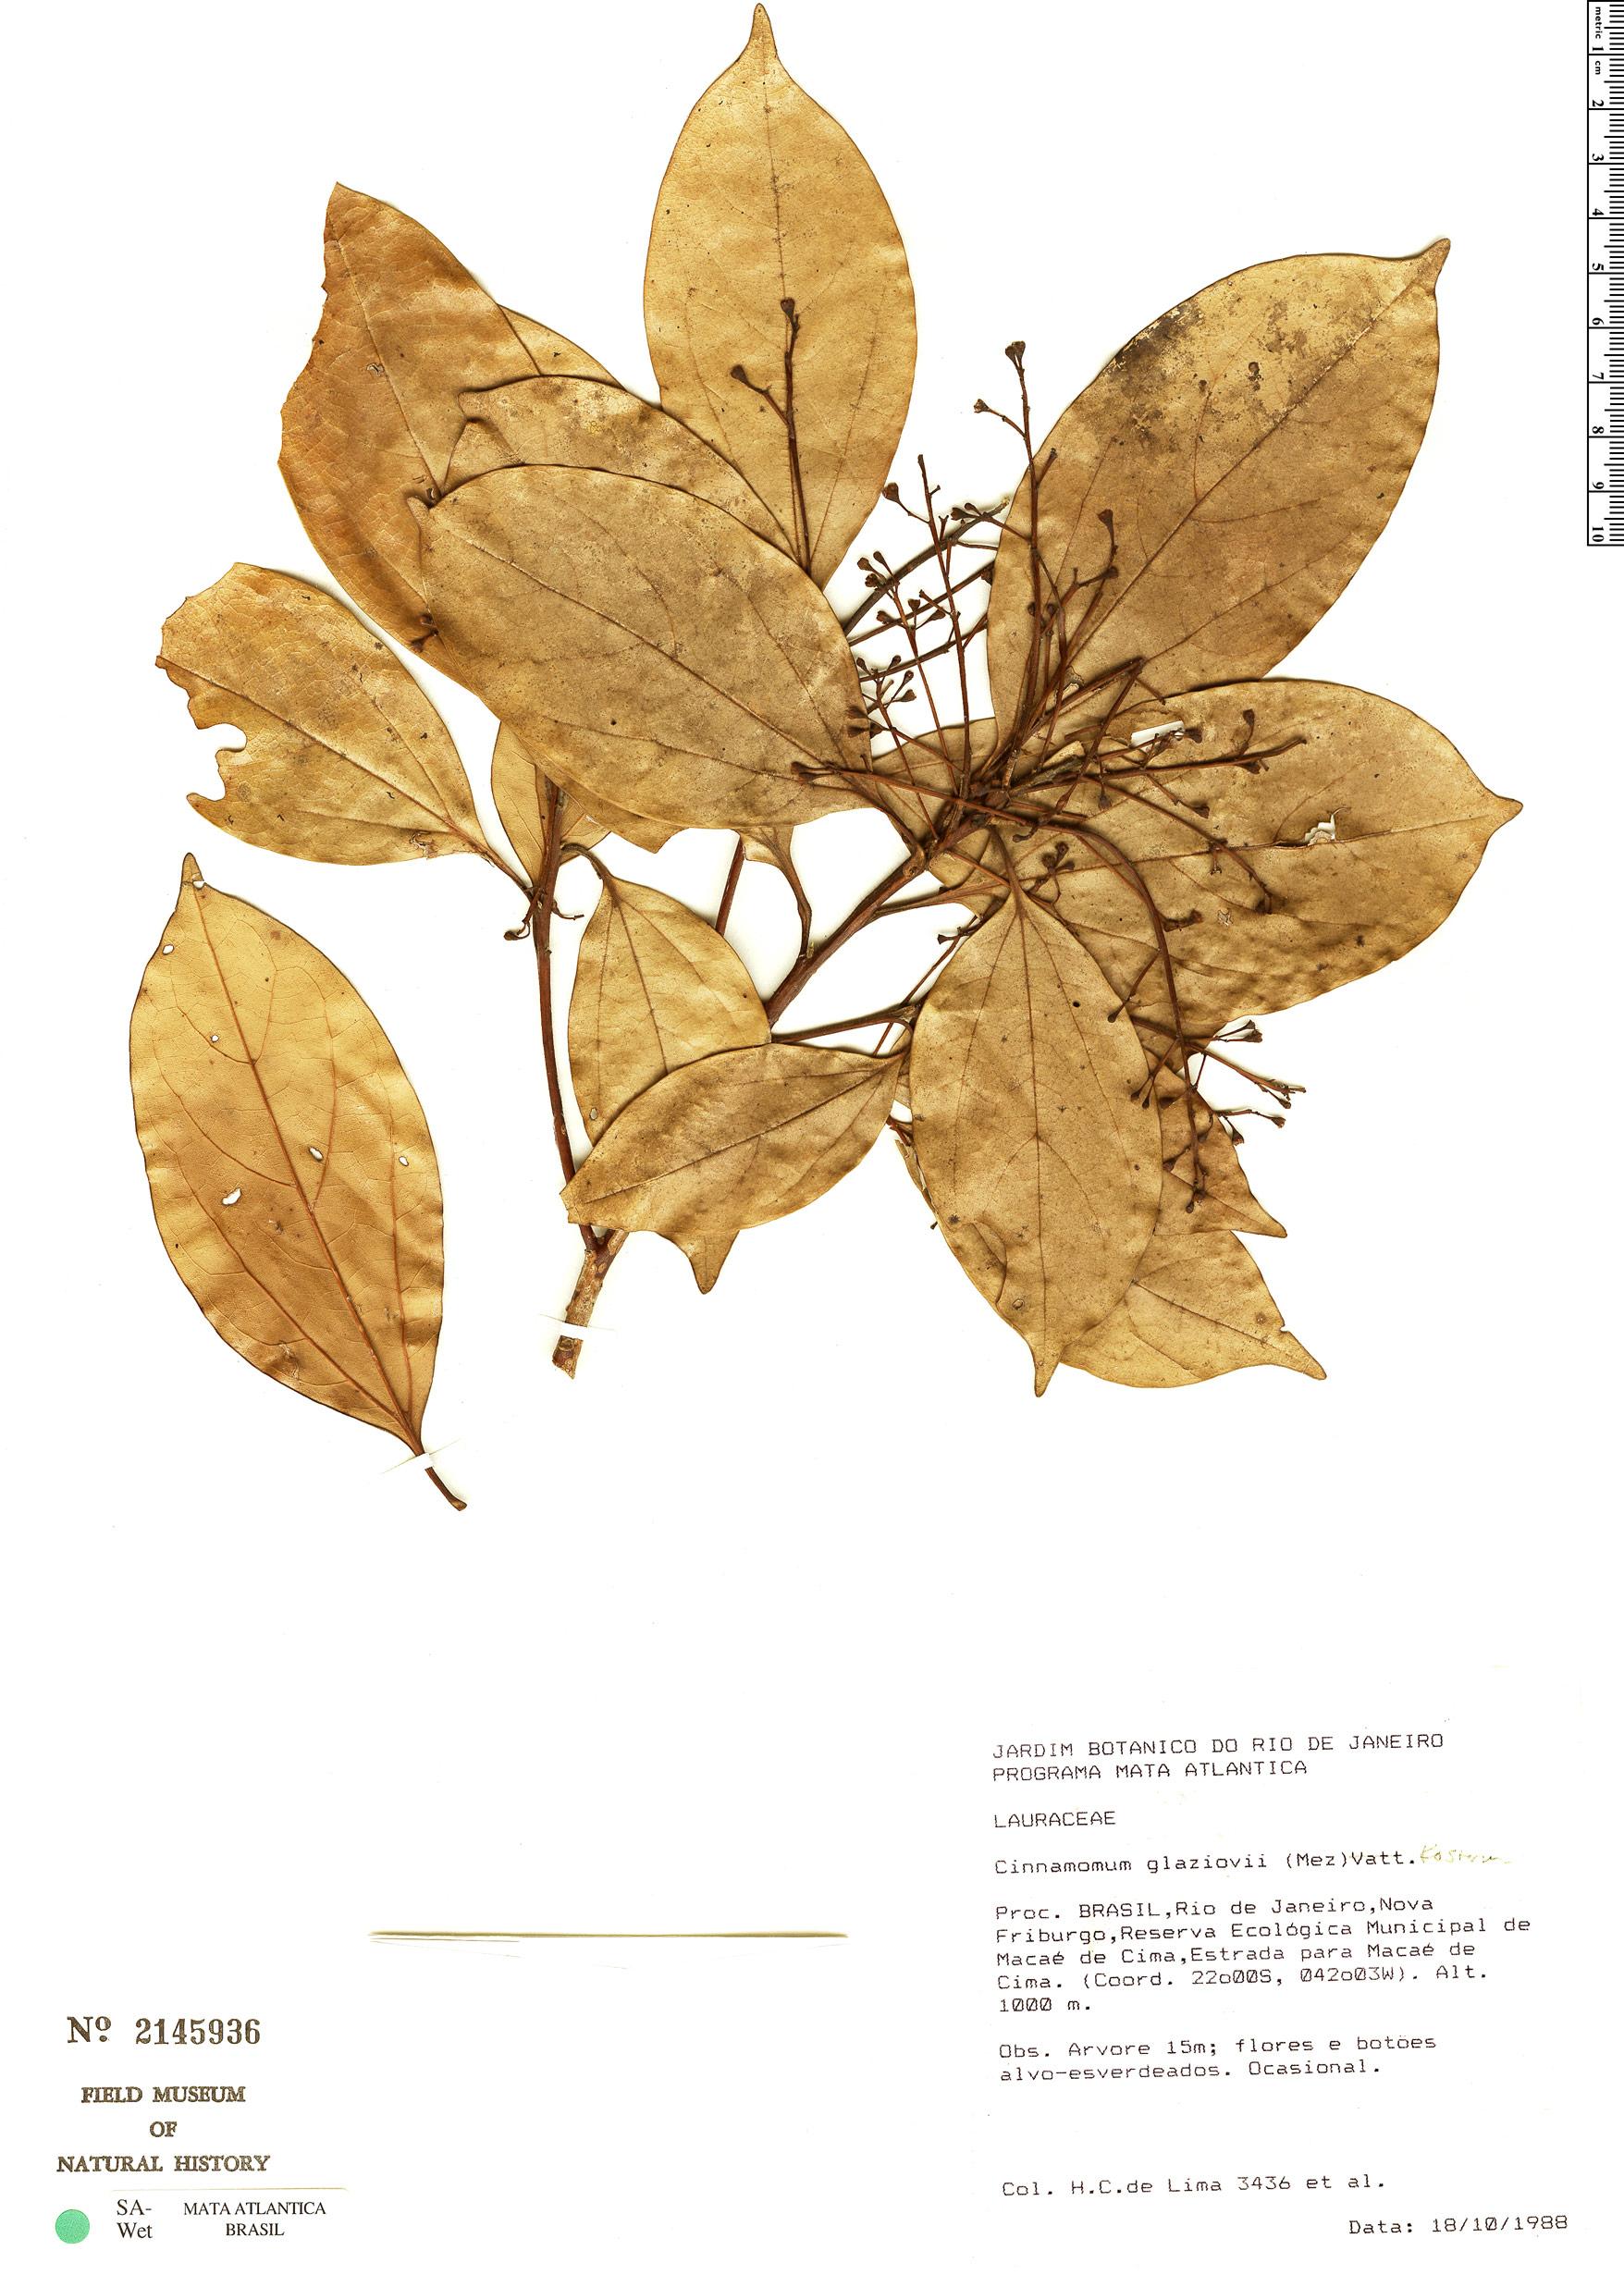 Espécime: Cinnamomum glaziovii